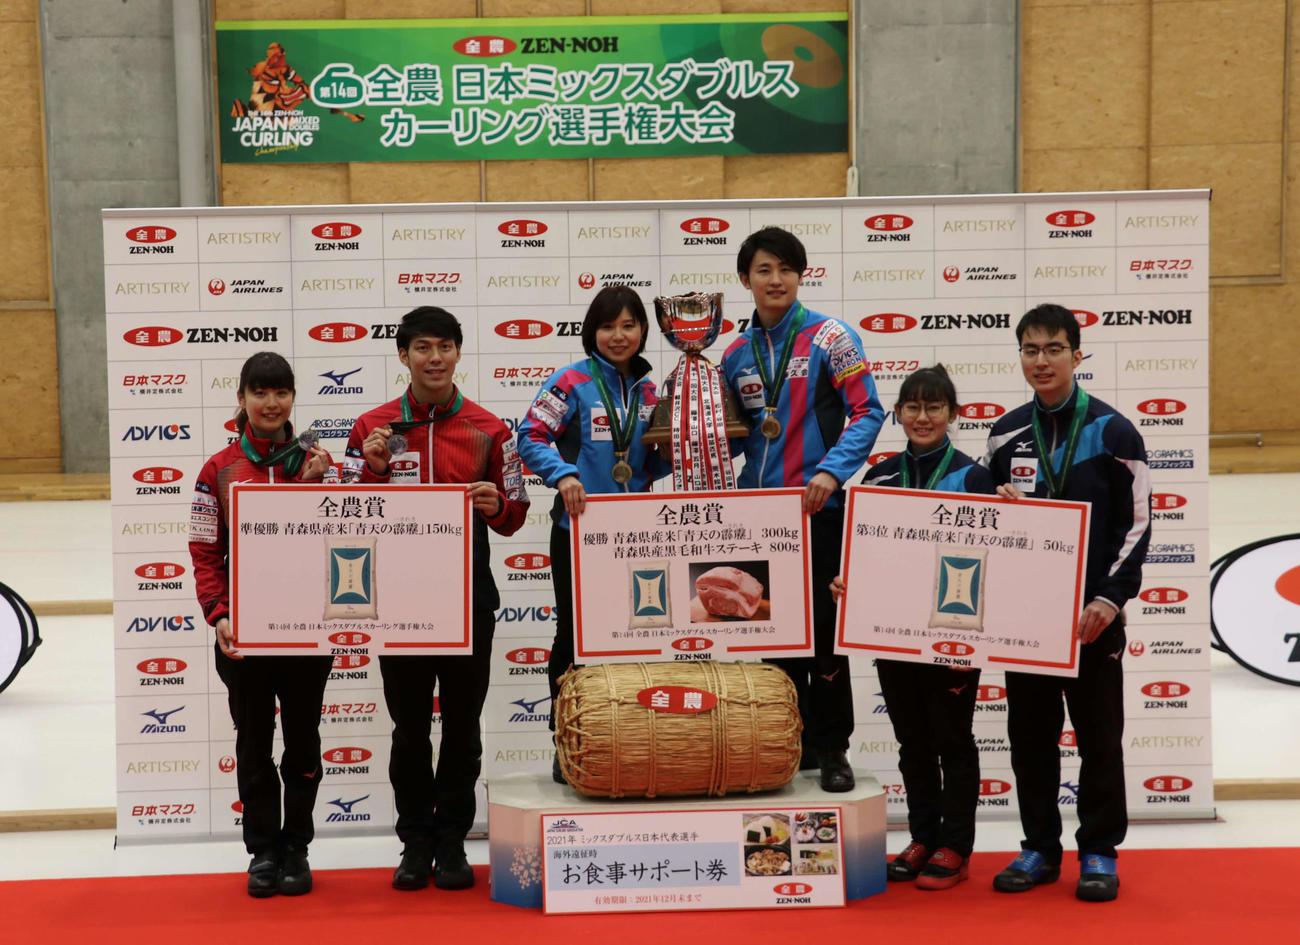 全農日本混合ダブルスカーリング選手権の表彰式で笑顔を見せる吉田夕梨花と松村雄太(中央)ら(提供写真)